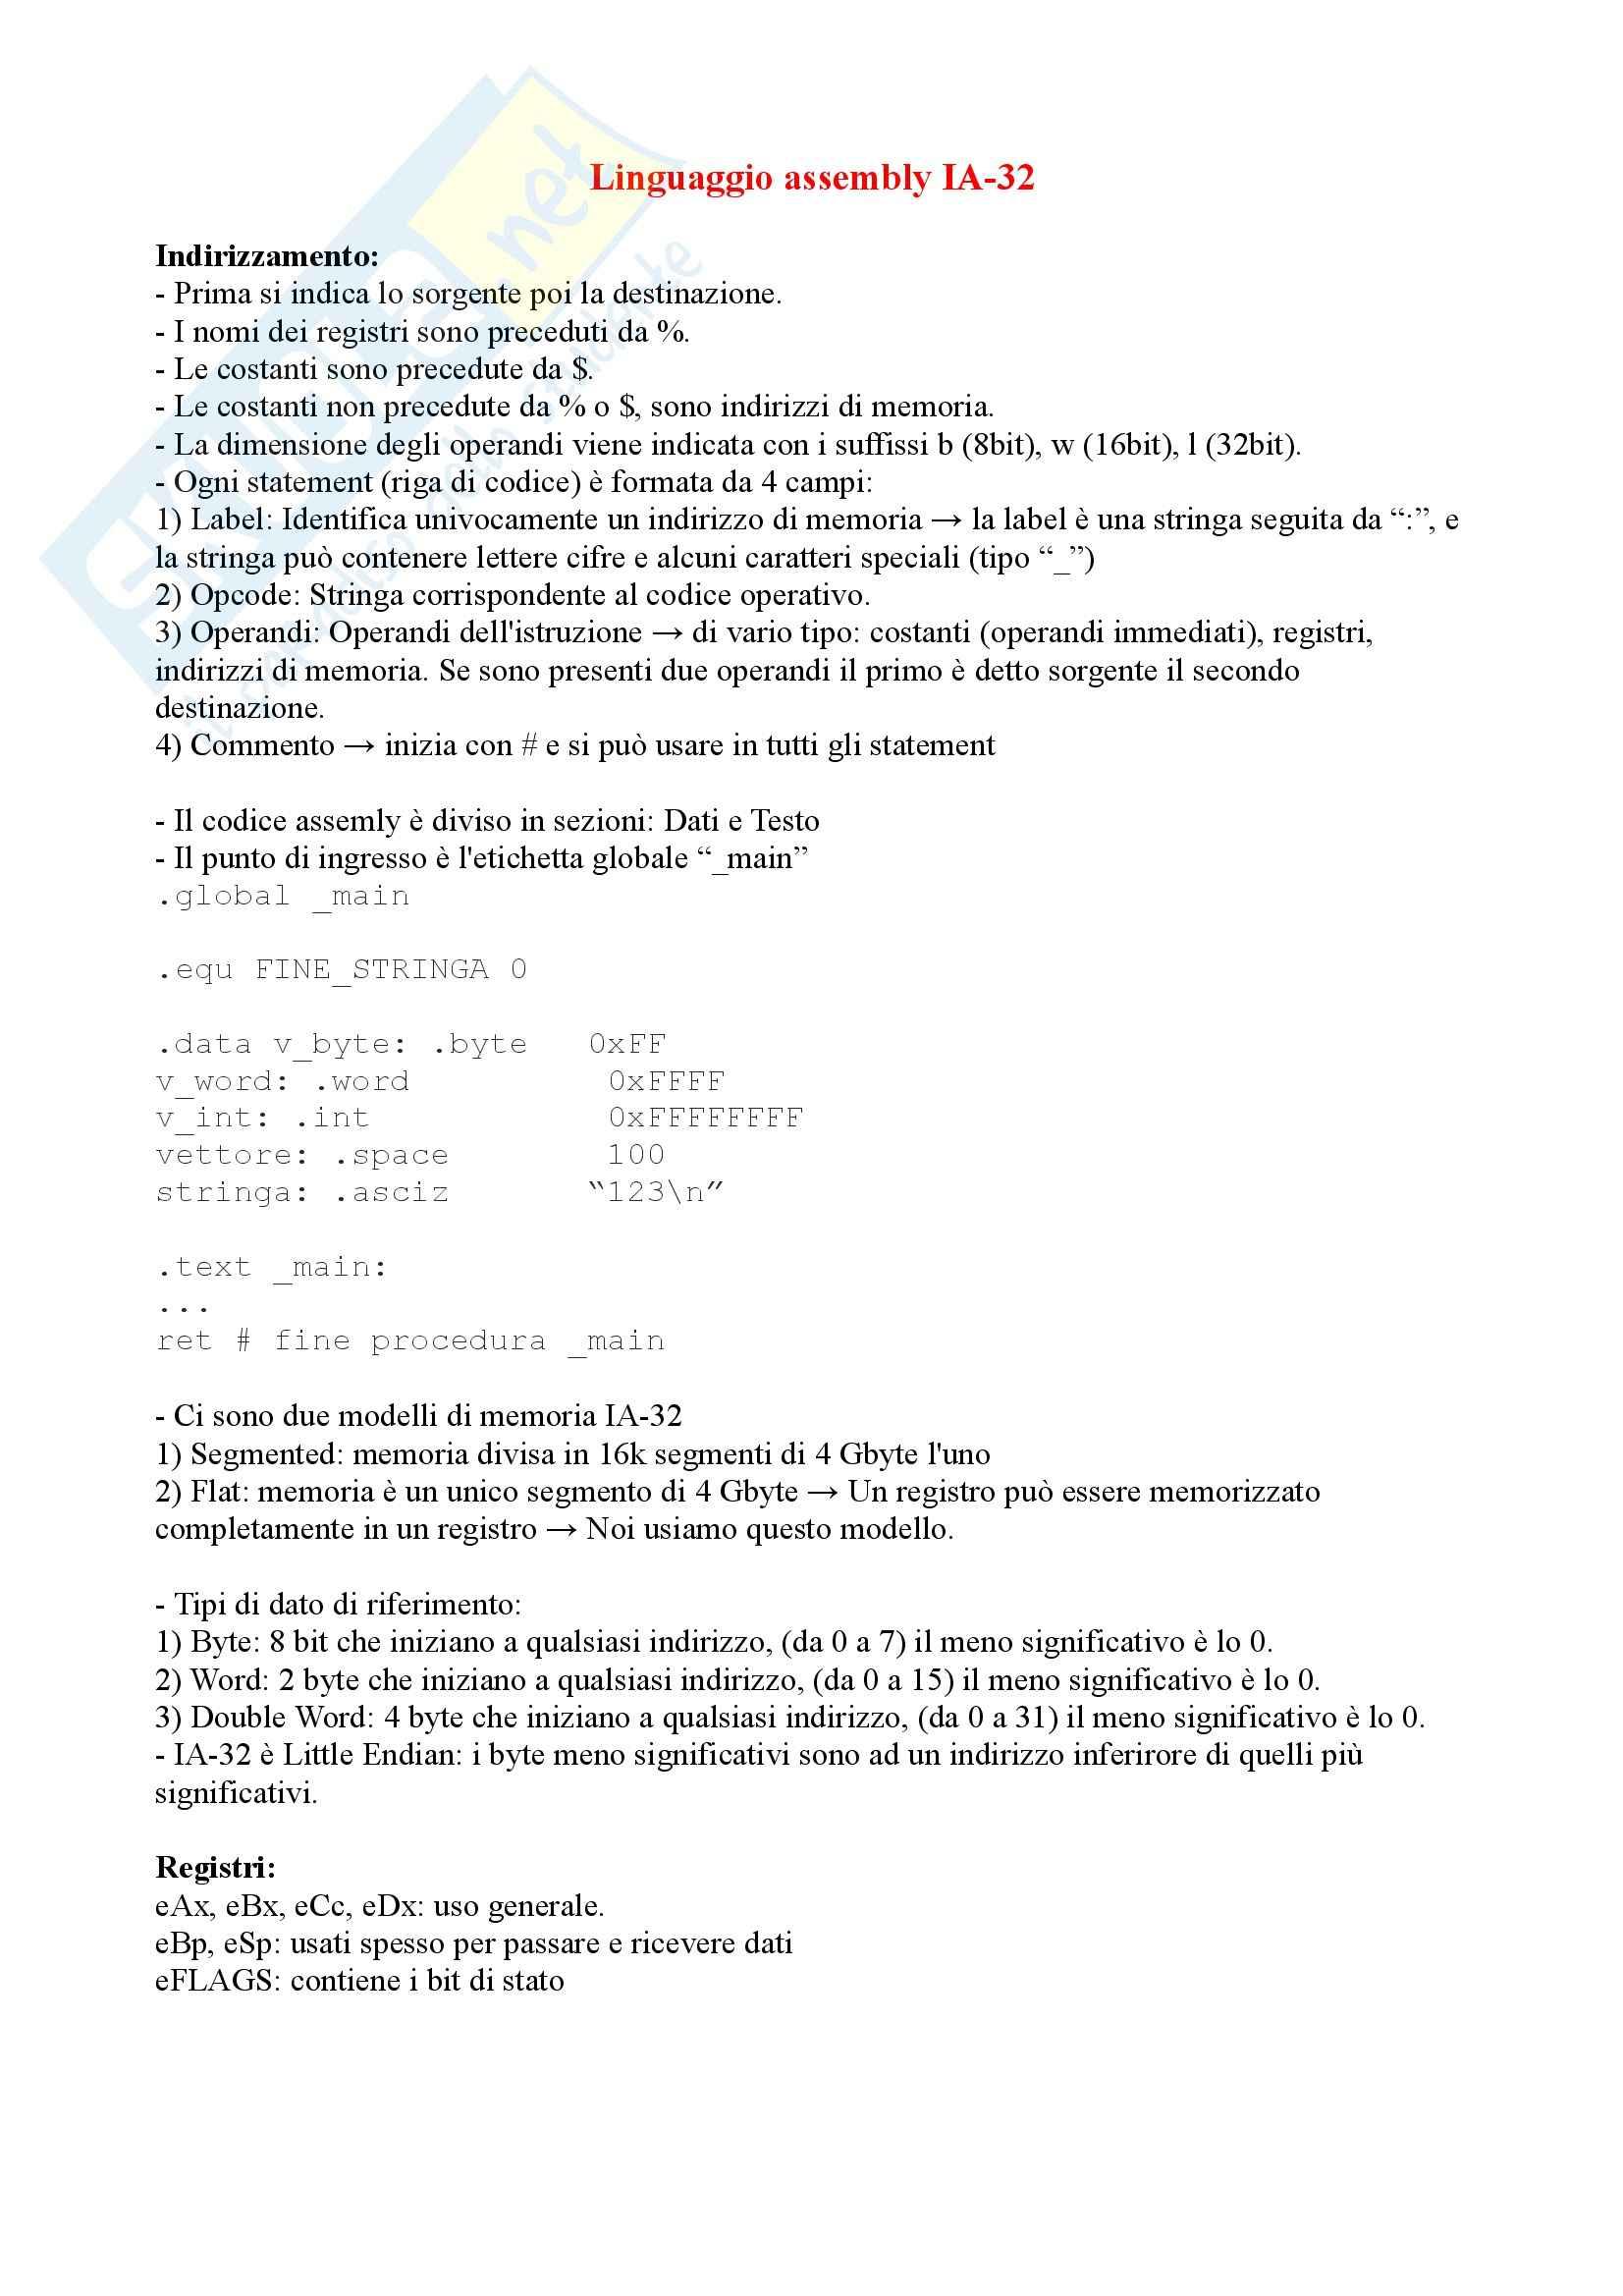 Architettura Elaboratori - Linguaggio Assembly IA-32 (anche esercizi)